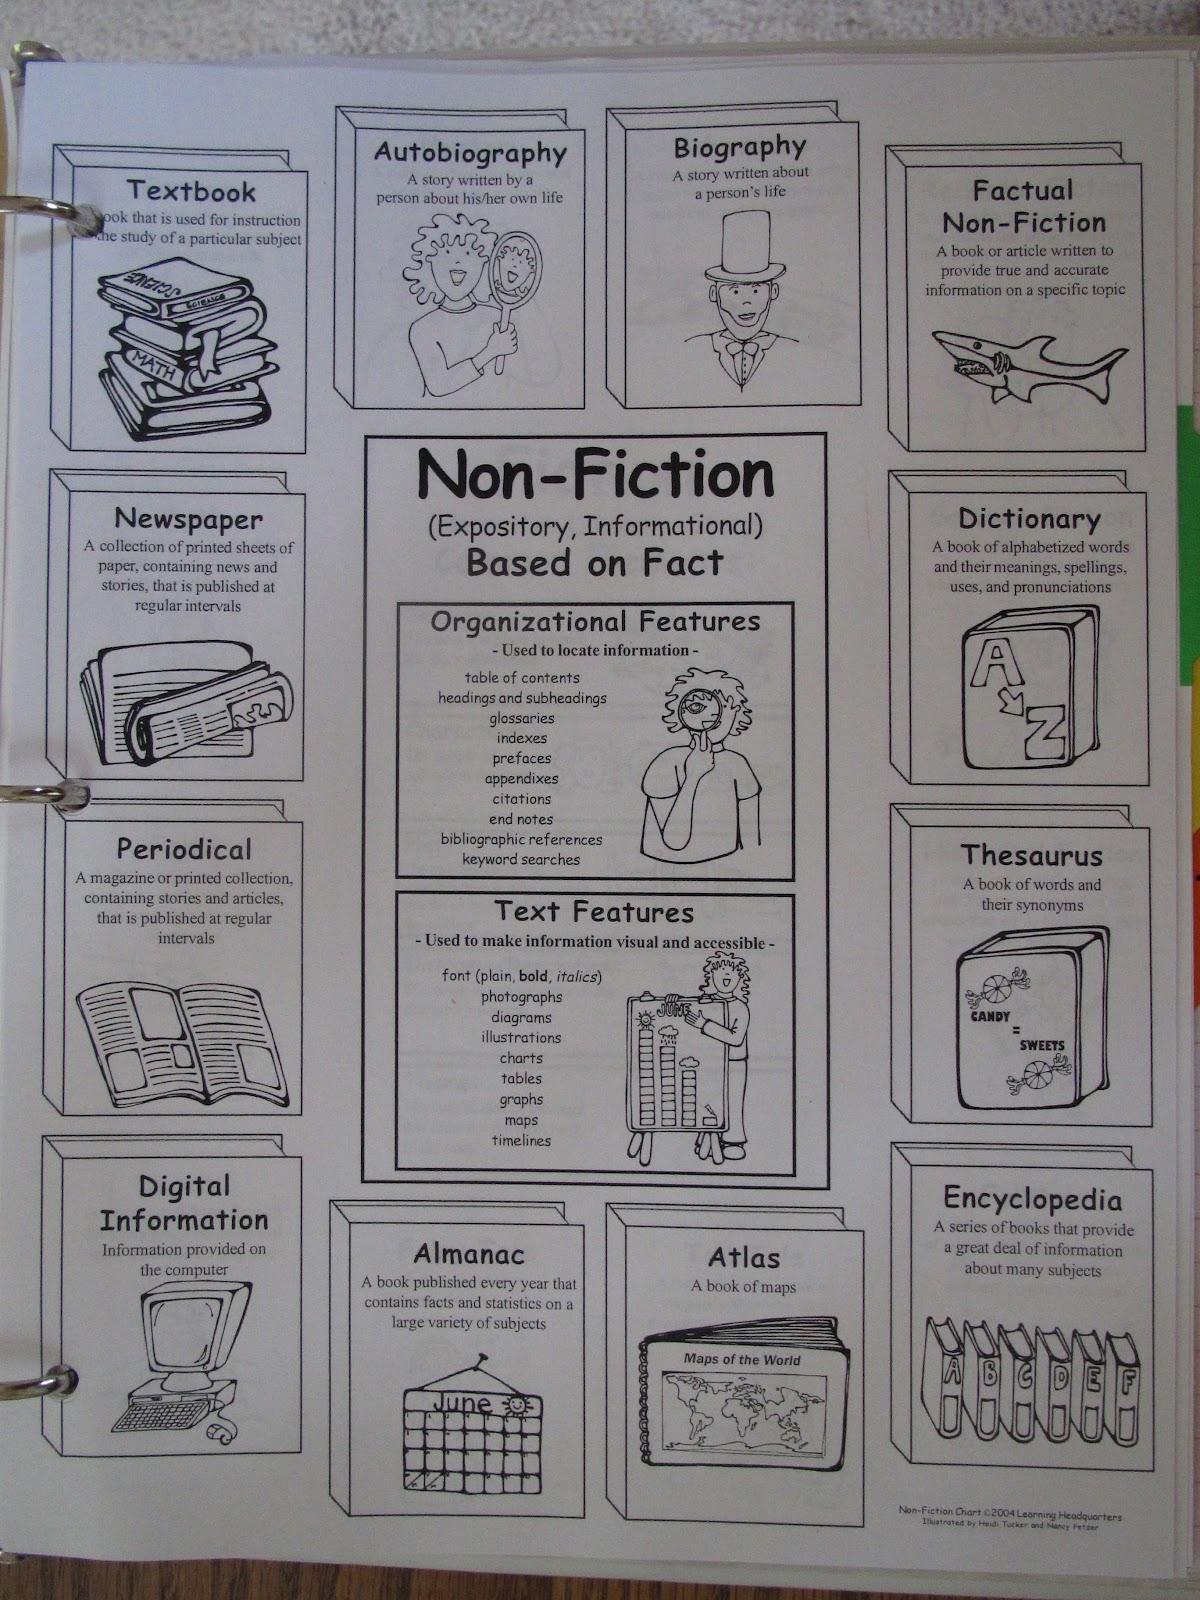 Academic genres